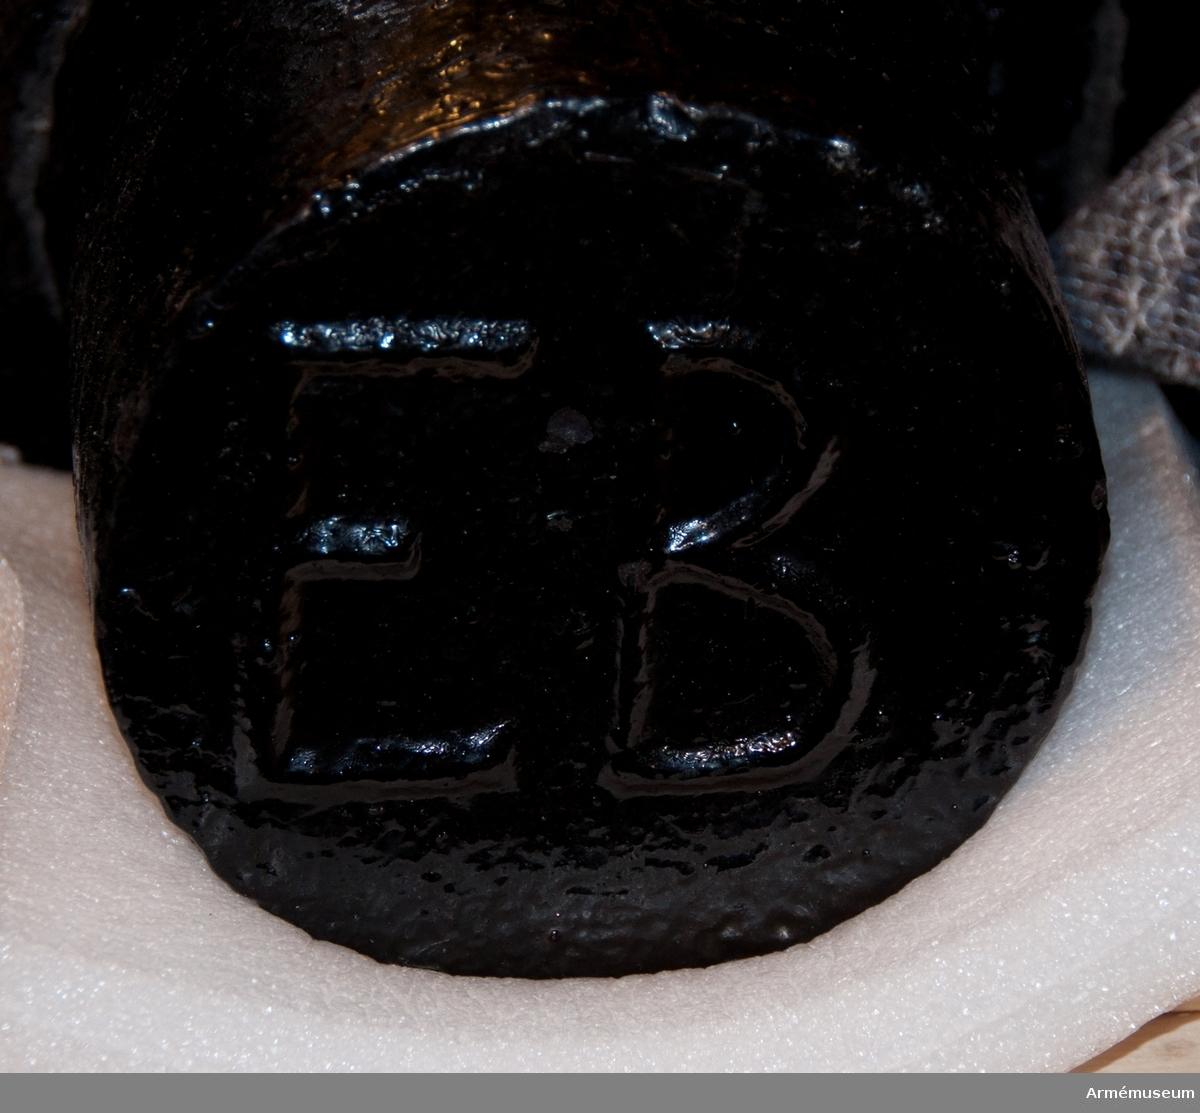 """Grupp F I. Eldrör till 18-pundig s k portugisisk kanon. 1792. Enligt Generalfälttygmästareämbetets skrivelse 6/9 och 17/9 1877  samt 28/10 1878. Märkt: kammarsiraterna N LXIV, vänster tapp 1792, höger tapp EB. Eldröret av järn. S k portugisisk kanon. På kammarstycket syns det krönta namnchiffret """"M. P. R."""" (Maria Portugalis Regina:  Maria, Portugals drottning) och """" XVIV""""."""